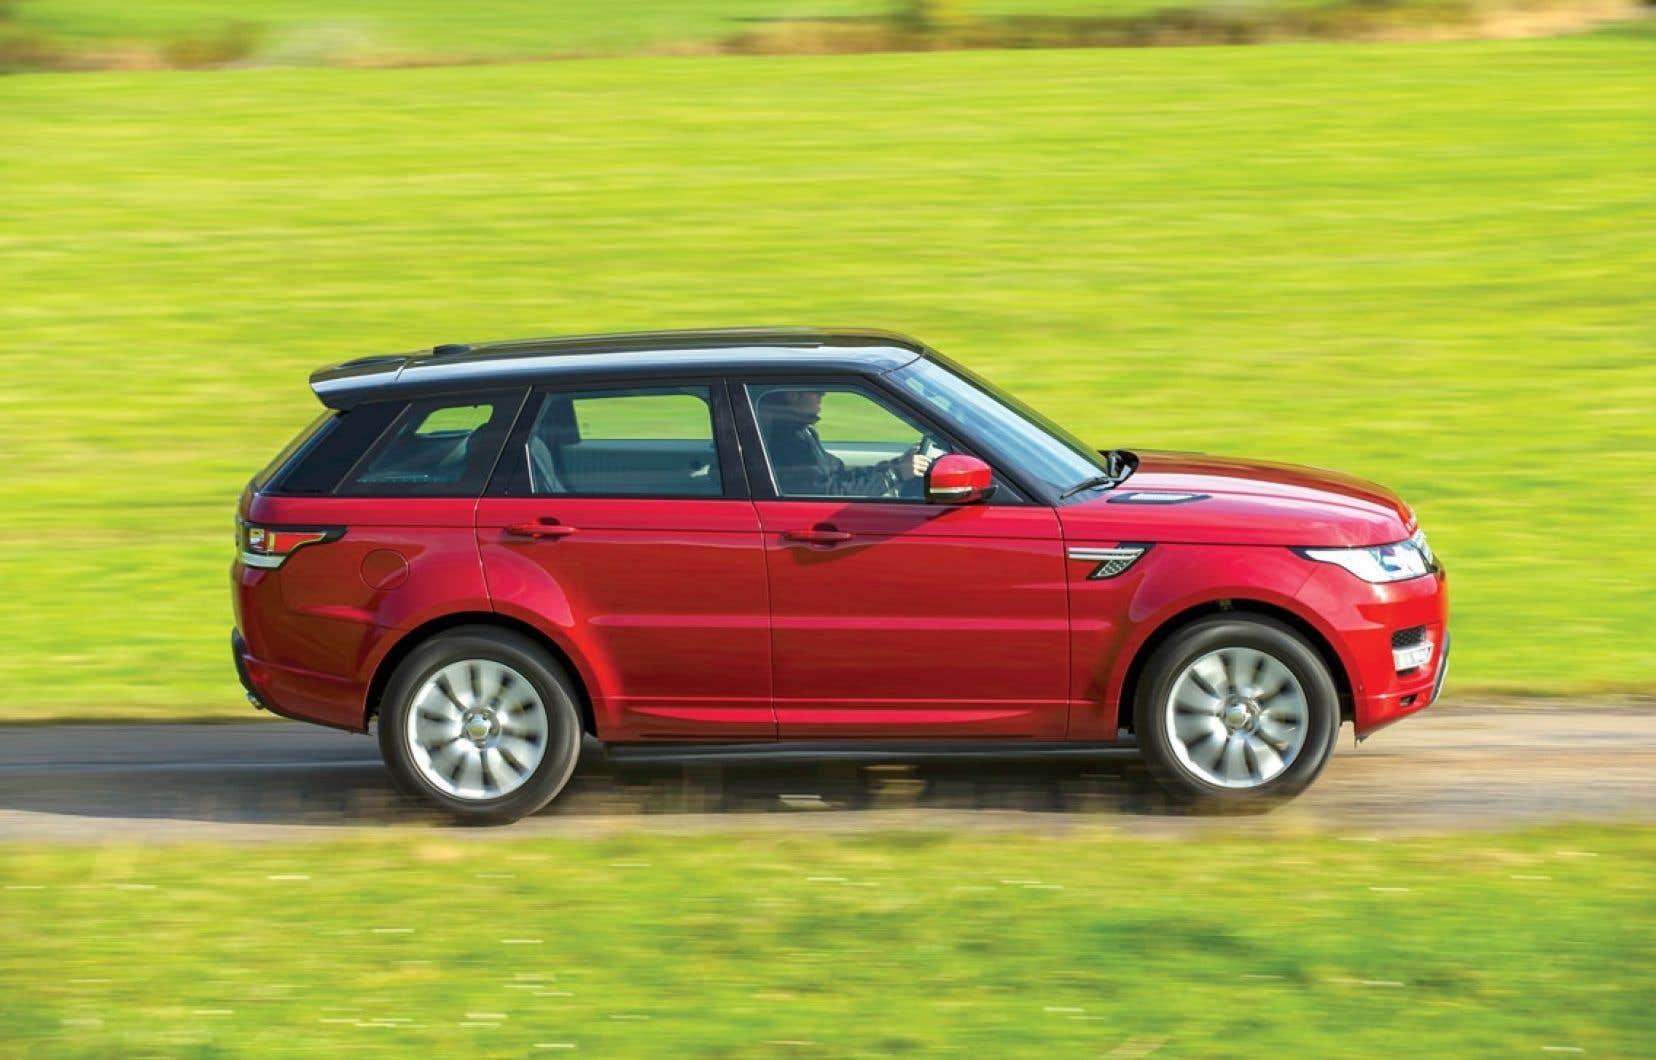 Le Range Rover Sport se différencie du Range Rover par ses dimensions réduites et, conséquemment, son poids inférieur. Il possède aussi des réglages de suspension plus fermes et des pneus plus larges.